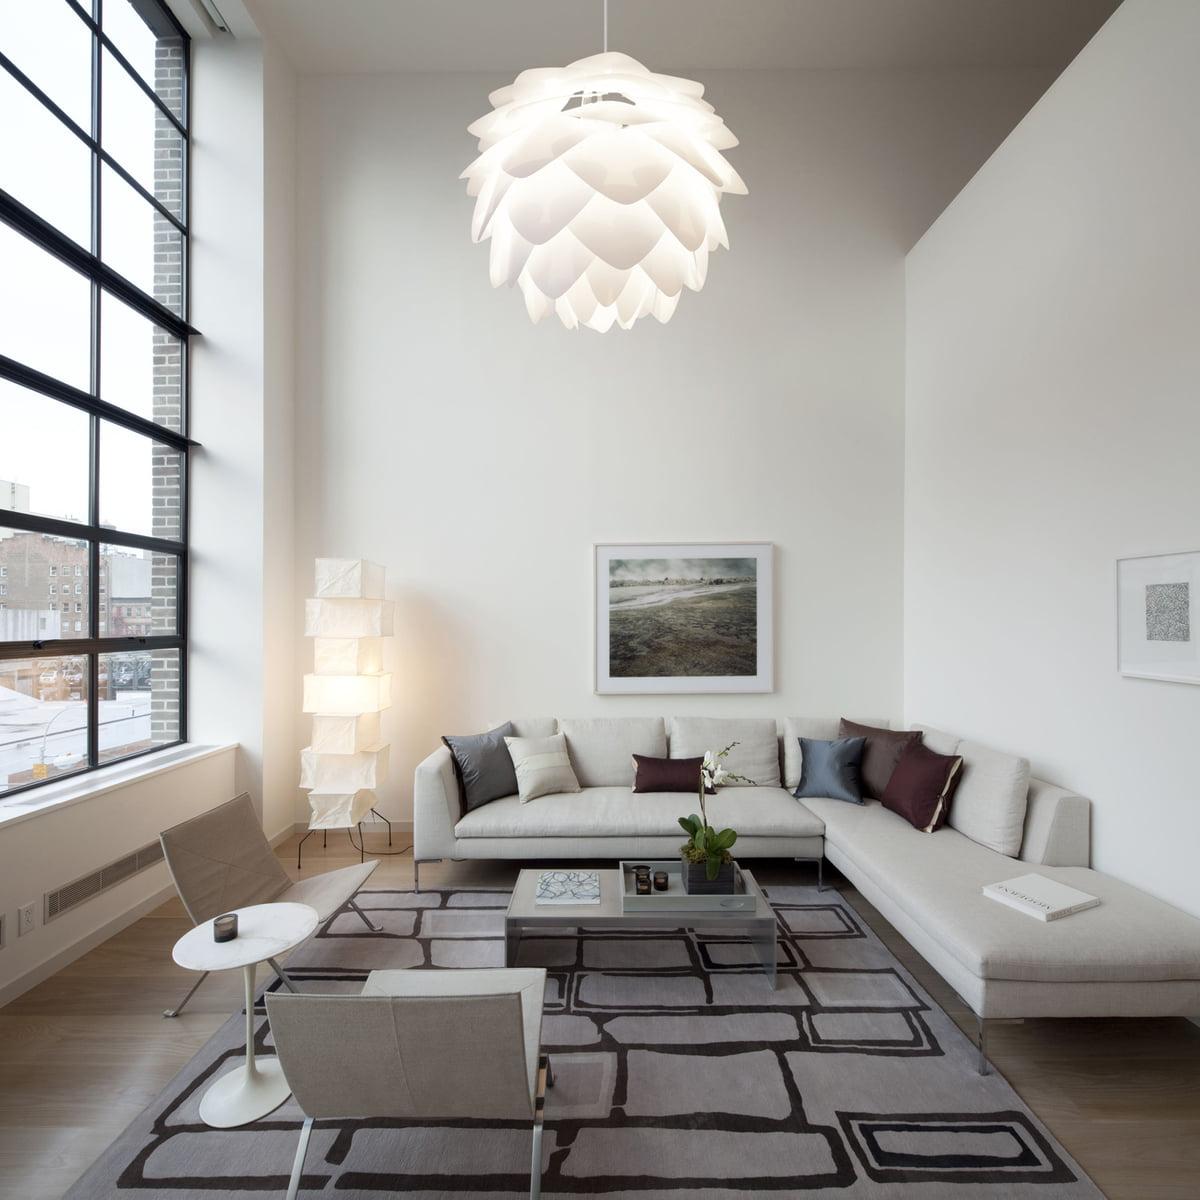 Silvia von vita im wohndesign shop for Wohndesign shop